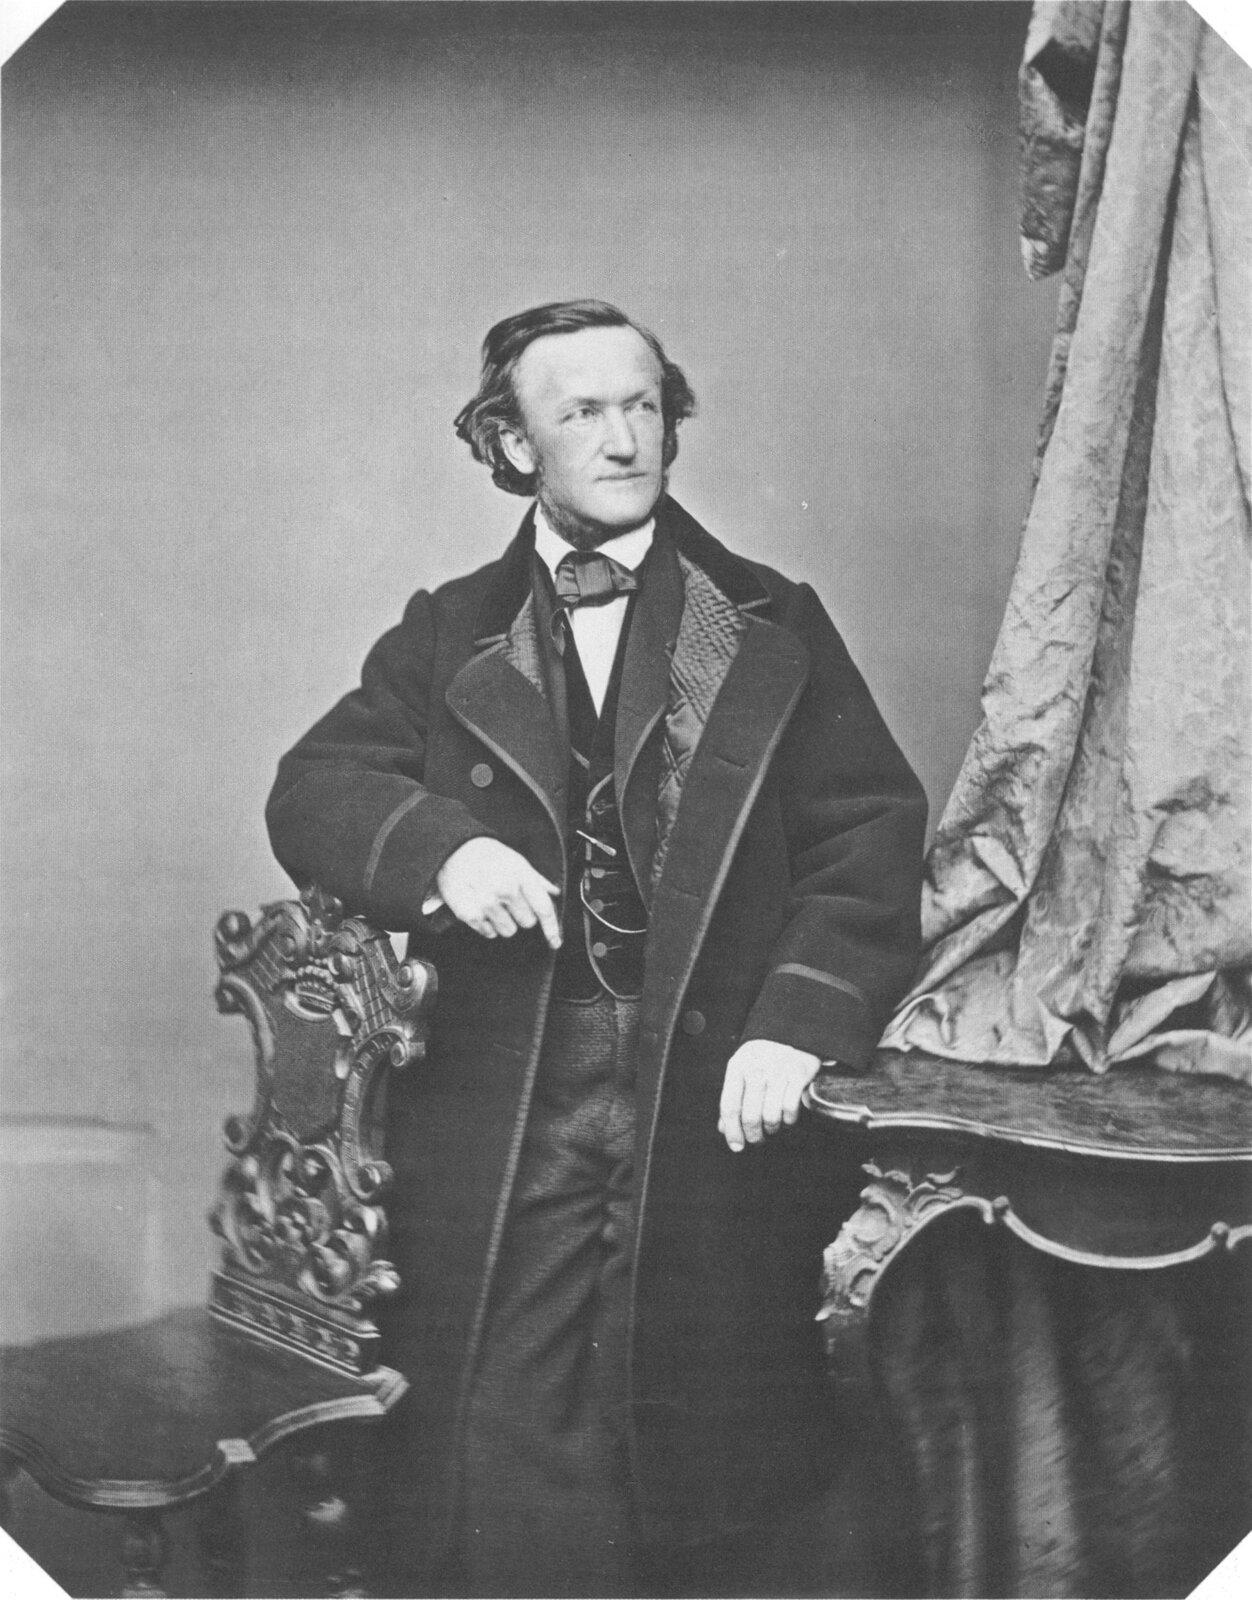 Fotografia przedstawia portret Ryszarda Wagnera. Mężczyzna oparty jest ooparcie krzesła, wyraz twarzy ma spokojny. Ubrany jest wgarnitur iciemny, gruby płaszcz.